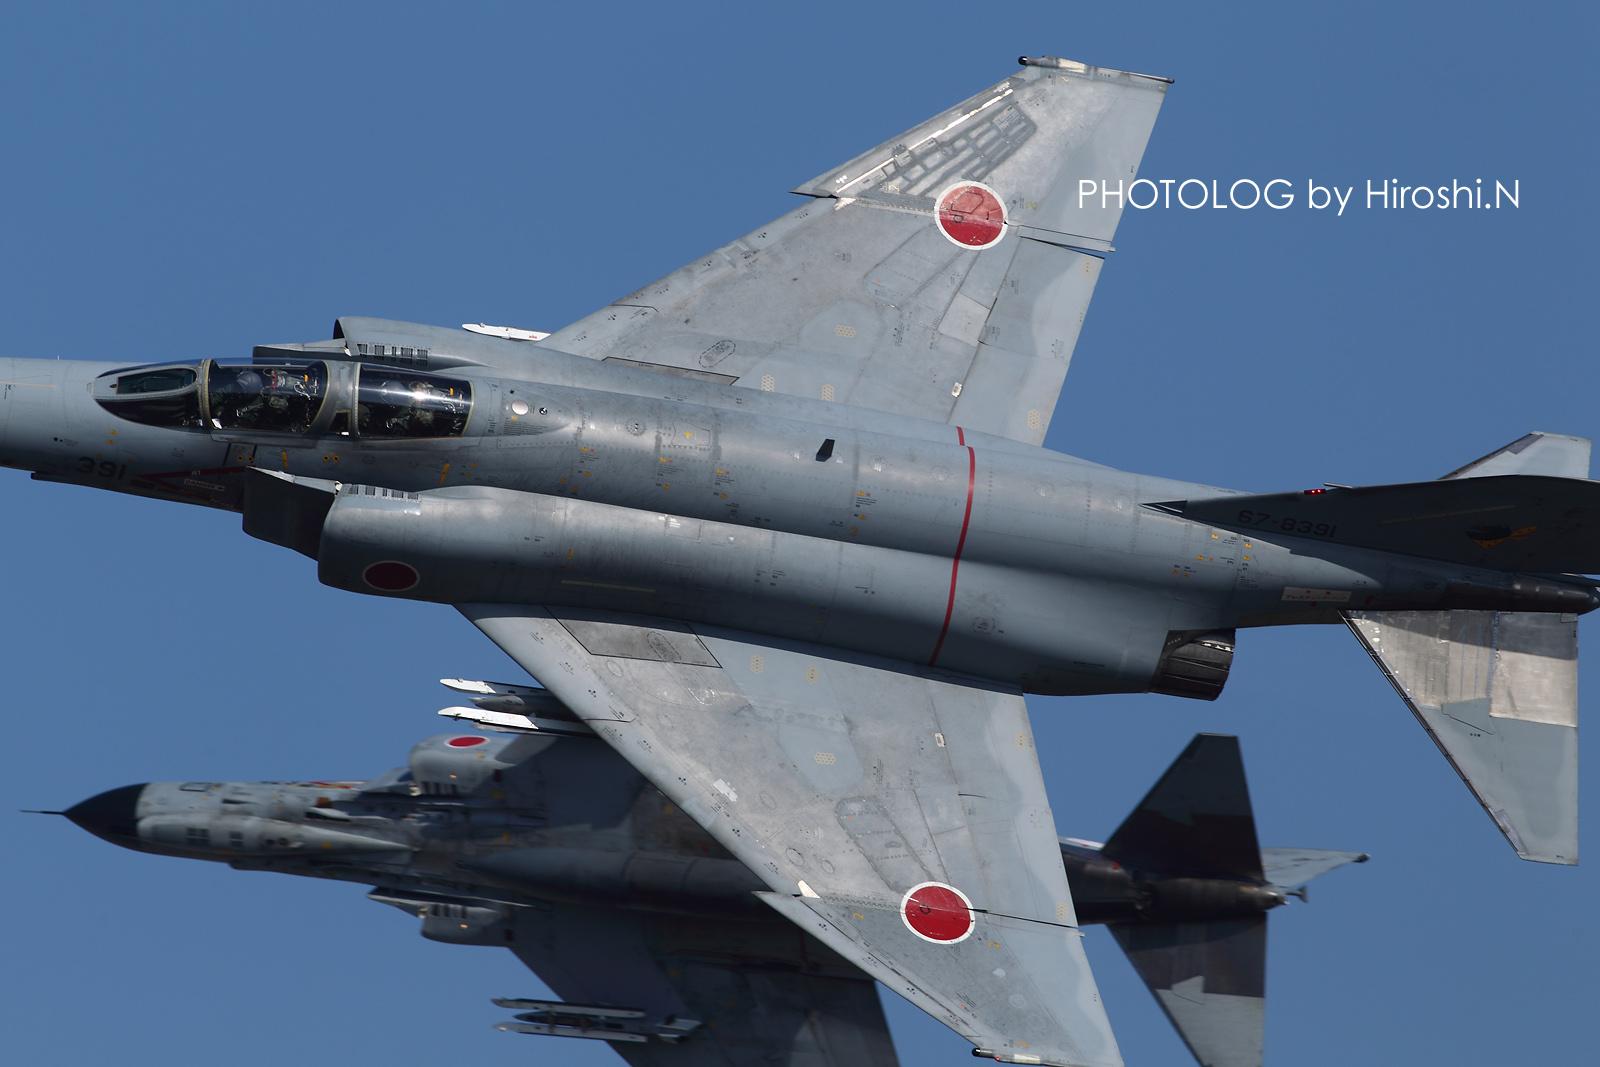 新田原基地航空祭2010 -本番 Airshow-_b0183406_2340618.jpg